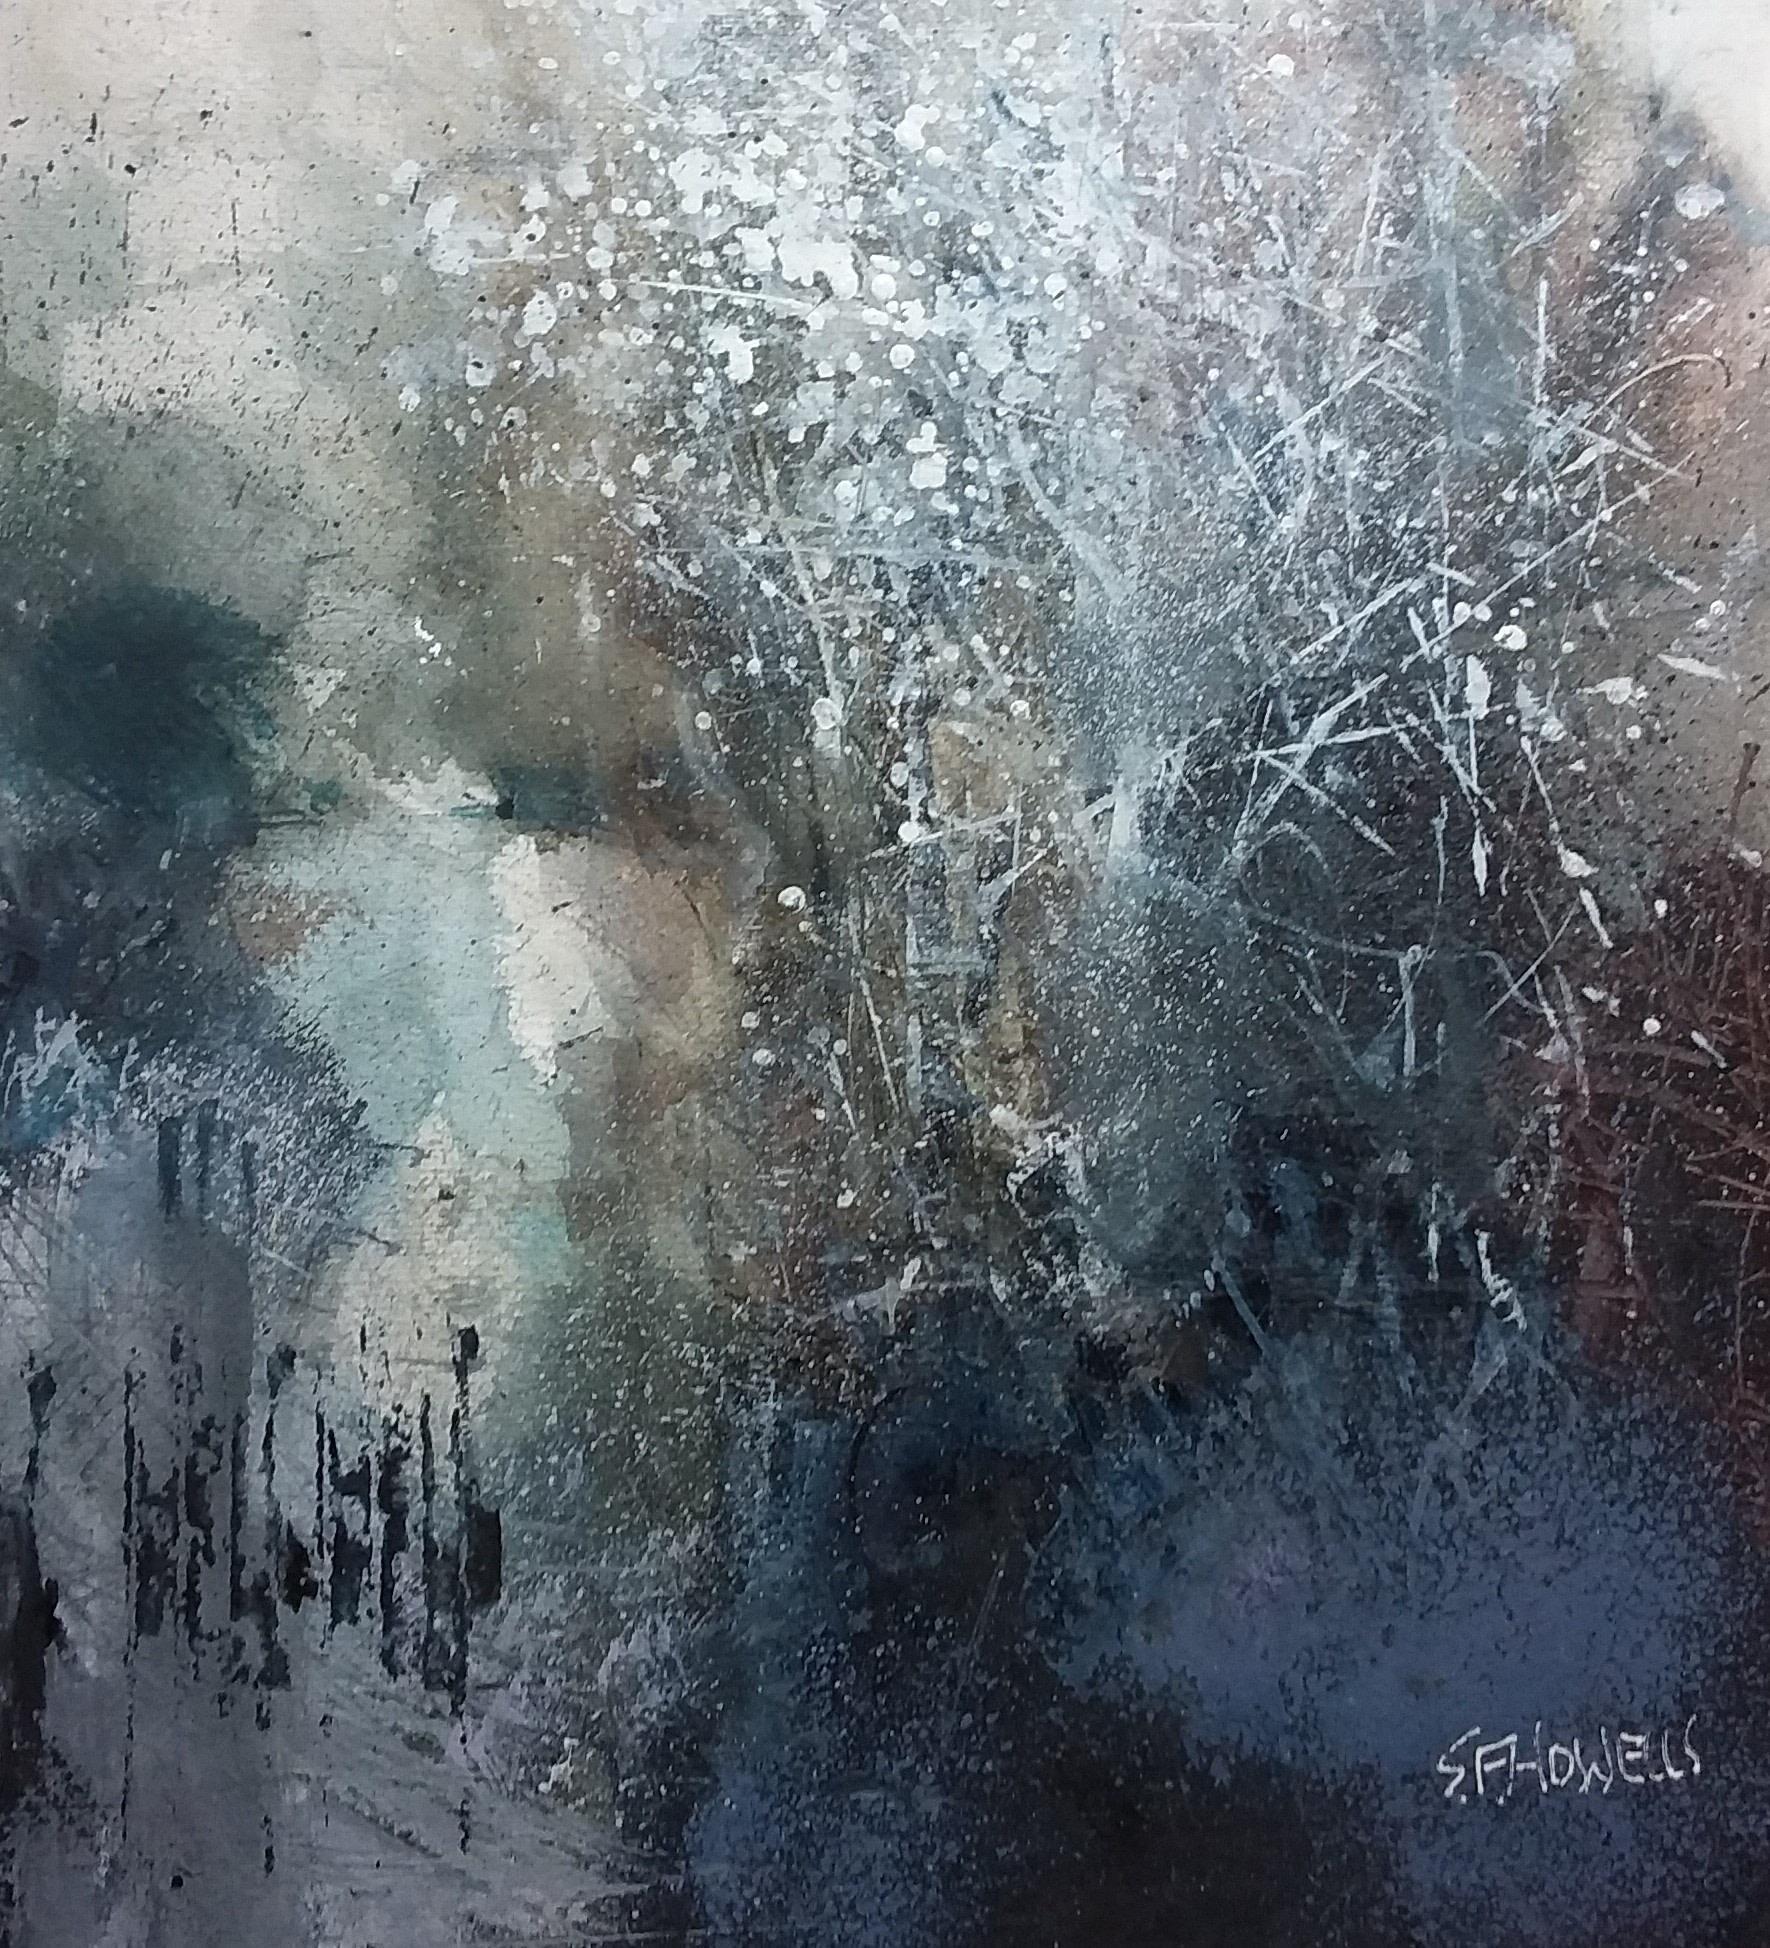 <span class=&#34;link fancybox-details-link&#34;><a href=&#34;/exhibitions/24/works/artworks_standalone10714/&#34;>View Detail Page</a></span><div class=&#34;artist&#34;><span class=&#34;artist&#34;><strong>Sue Howells</strong></span></div><div class=&#34;title&#34;><em>Mid-Winter Frost</em></div><div class=&#34;medium&#34;>watercolour</div><div class=&#34;dimensions&#34;>45 x 47cm</div>